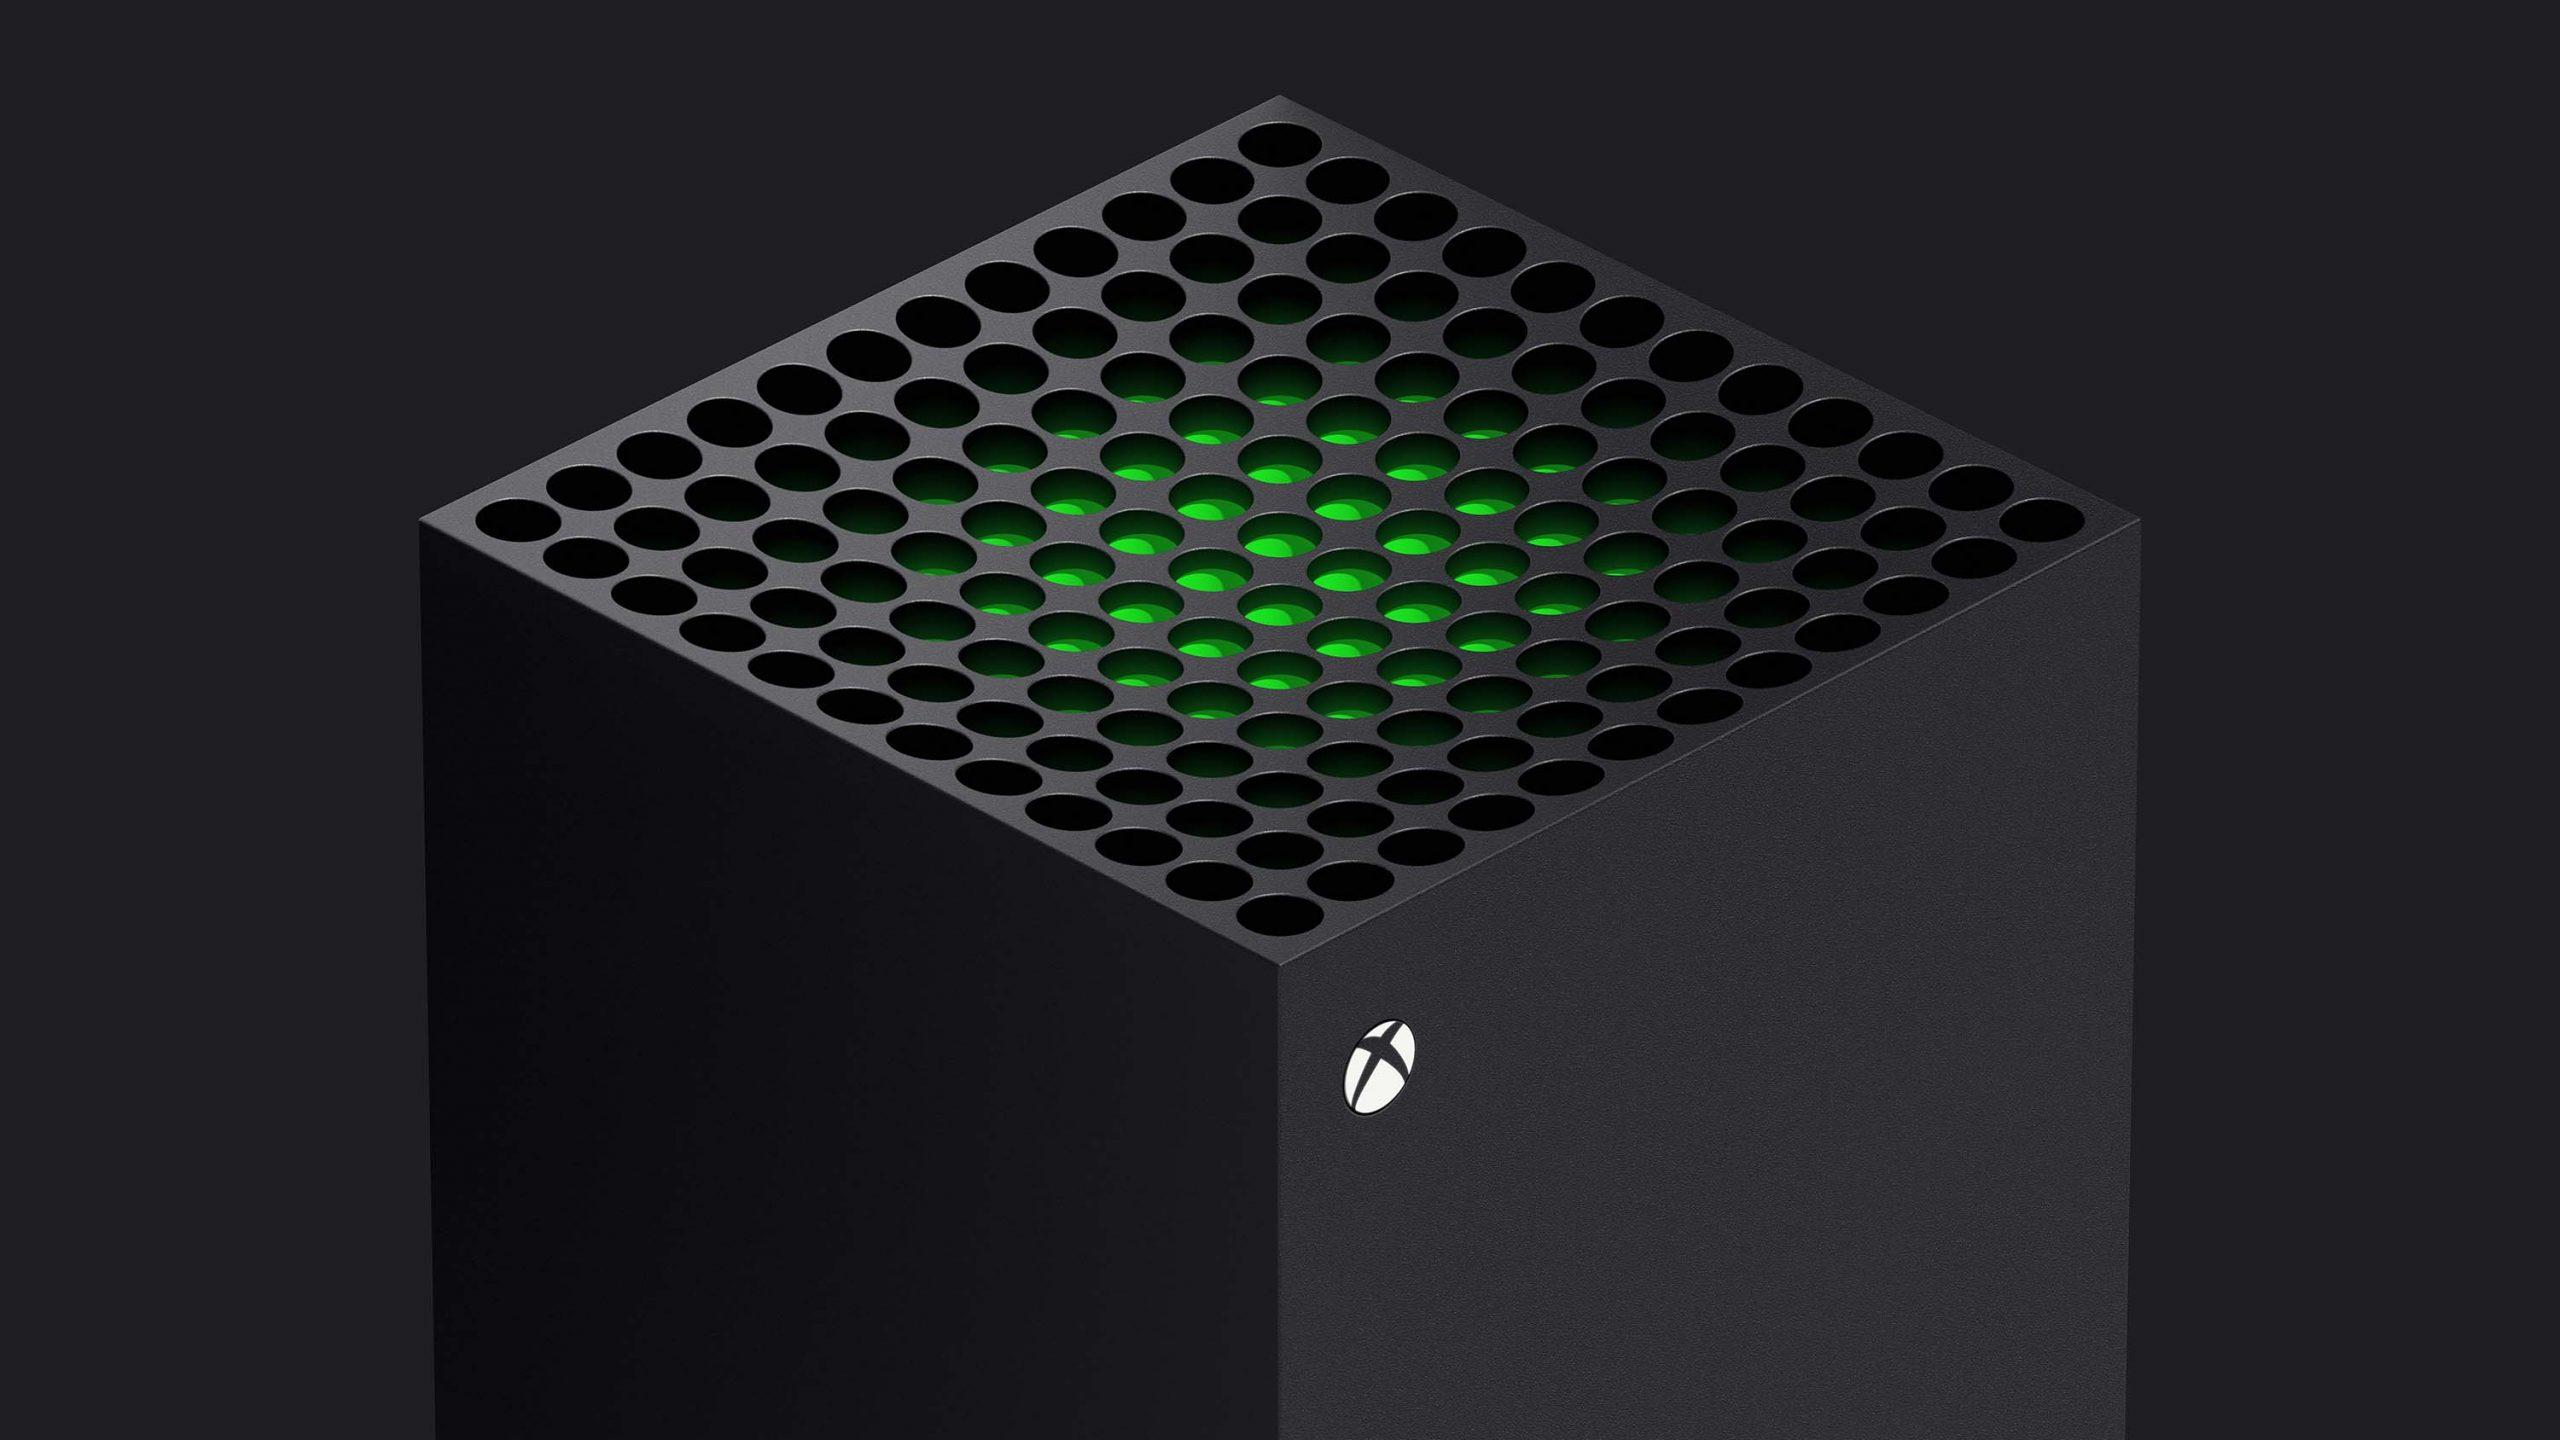 Xbox Series X terá novo dashboard em resolução 4K